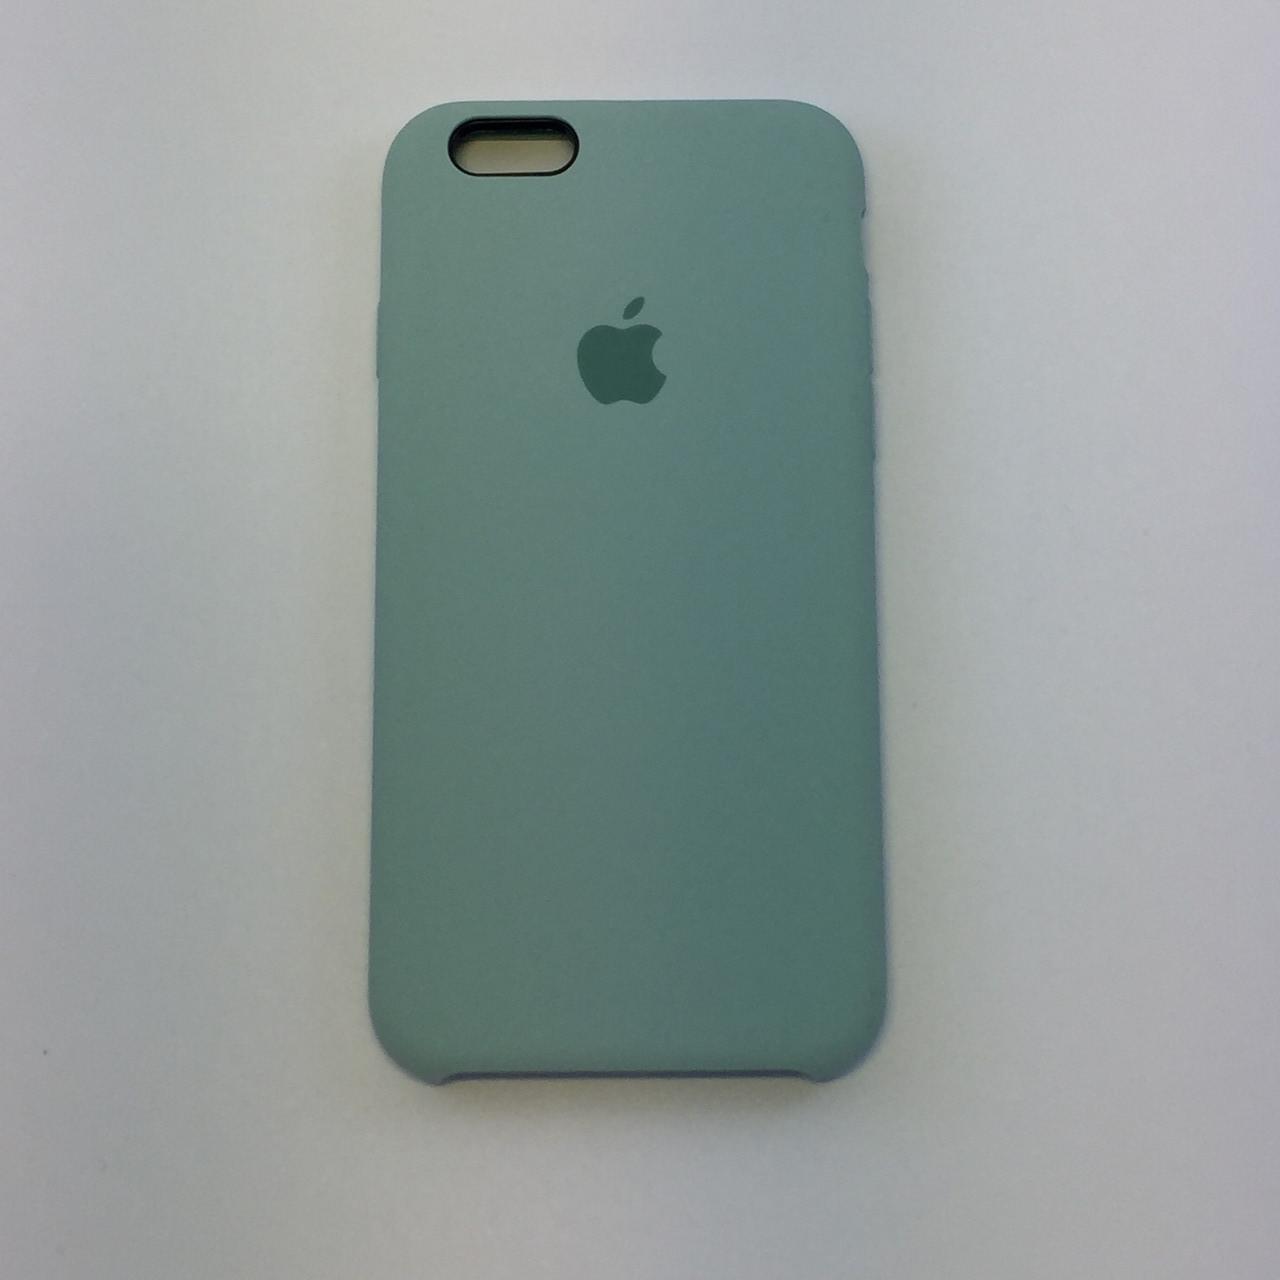 Силиконовый чехол для iPhone 6/6s, - «мята» - copy original